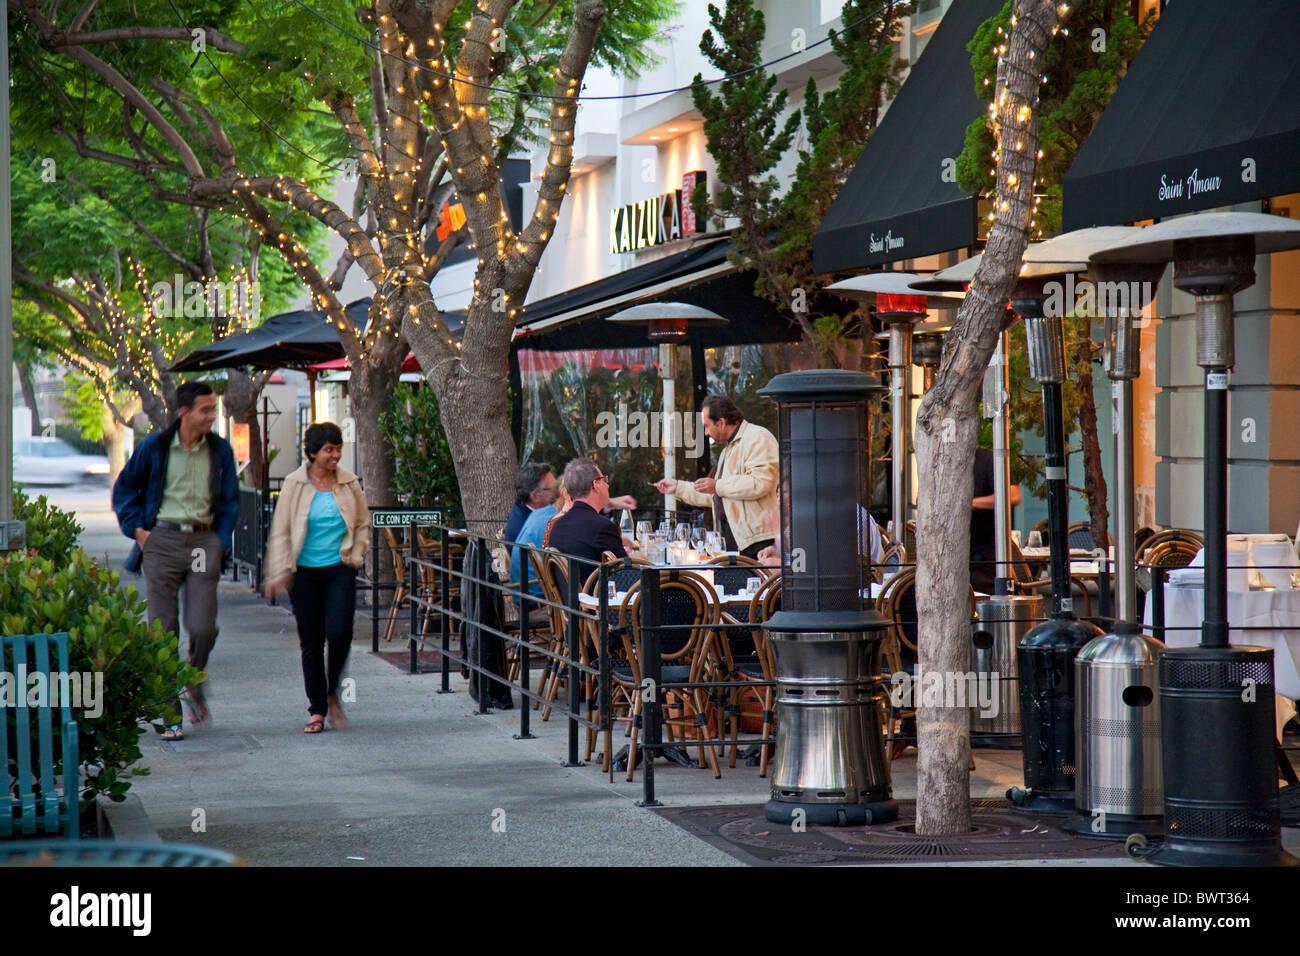 Outdoor bistros on Culver Boulevard, Culver City, Los Angeles, California, USA - Stock Image